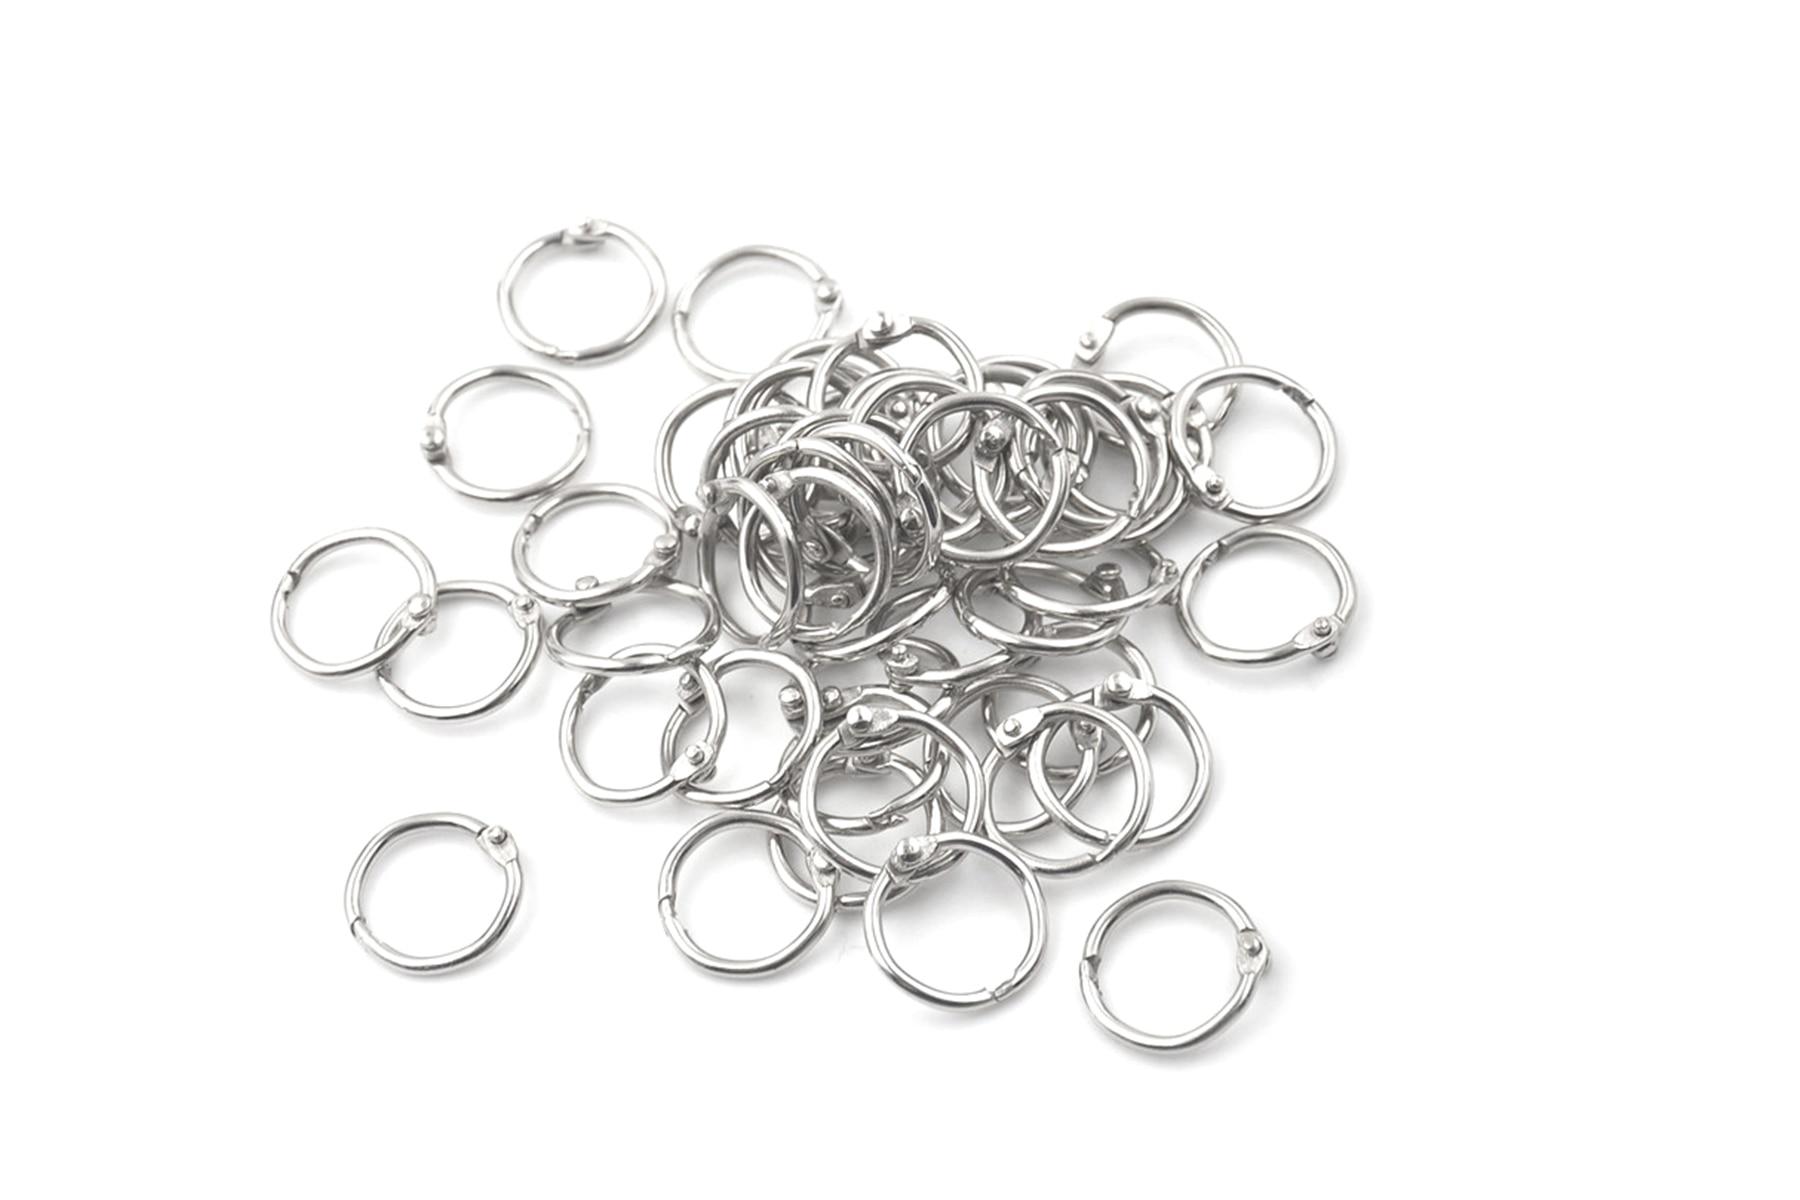 [해외]50Pcs Metal Staple Loose Leaf Circlip Ring Outer Diameter 20mm Keychain Book Binder Ring/50Pcs Metal Staple Loose Leaf Circlip Ring Outer Diameter